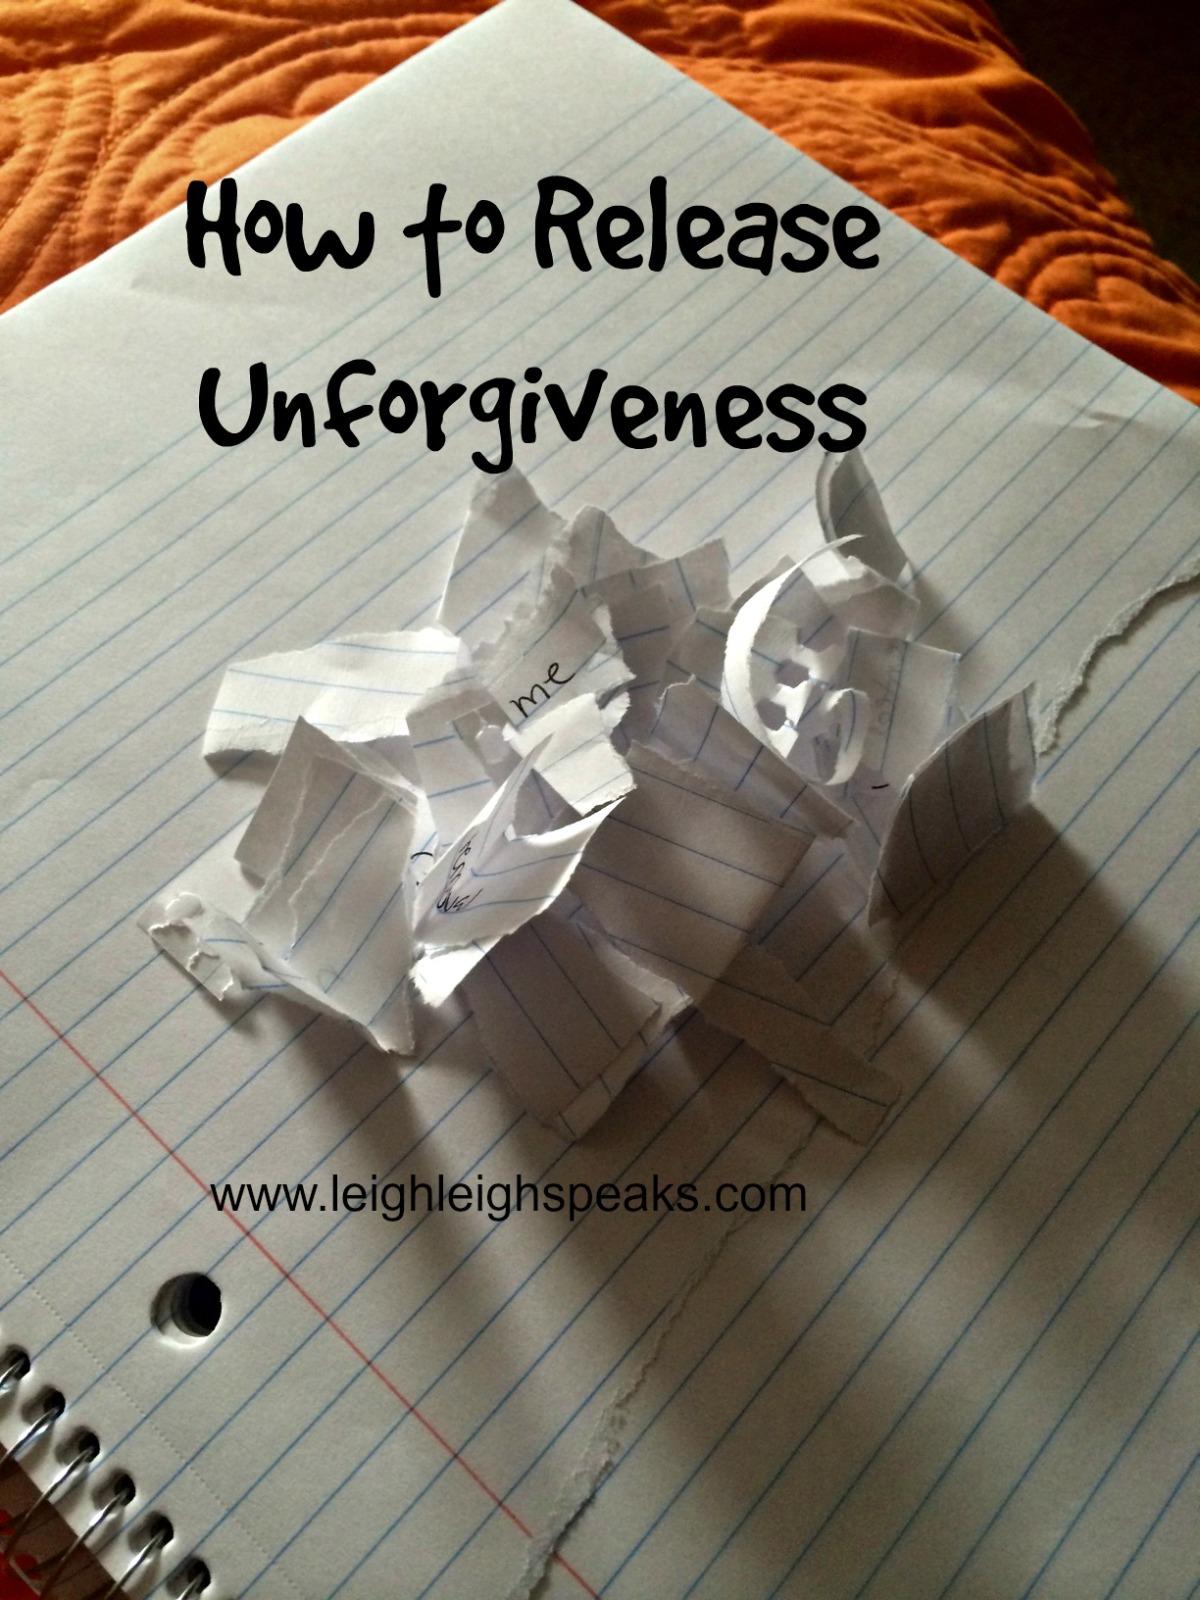 Secret way to ReleaseUnforgiveness